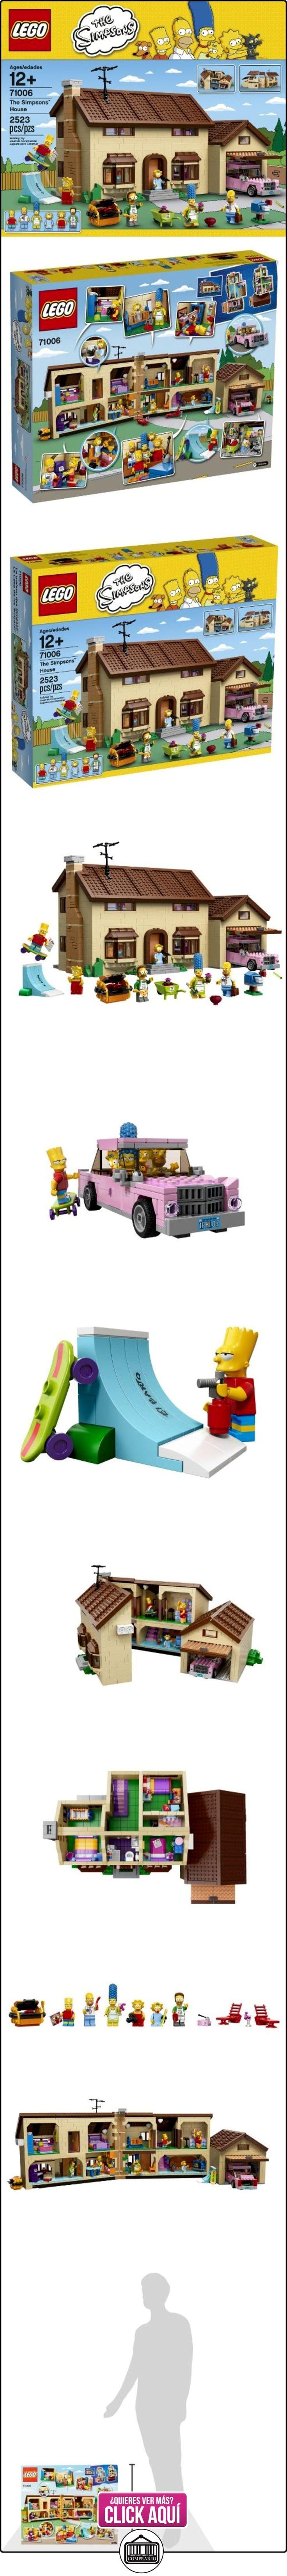 LEGO The Simpsons La Casa de The Simpsons - juegos de construcción (Dibujos animados, Niño/niña, Multicolor)  ✿ Lego - el surtido más amplio ✿ ▬► Ver oferta: https://comprar.io/goto/B00HX14C7Q